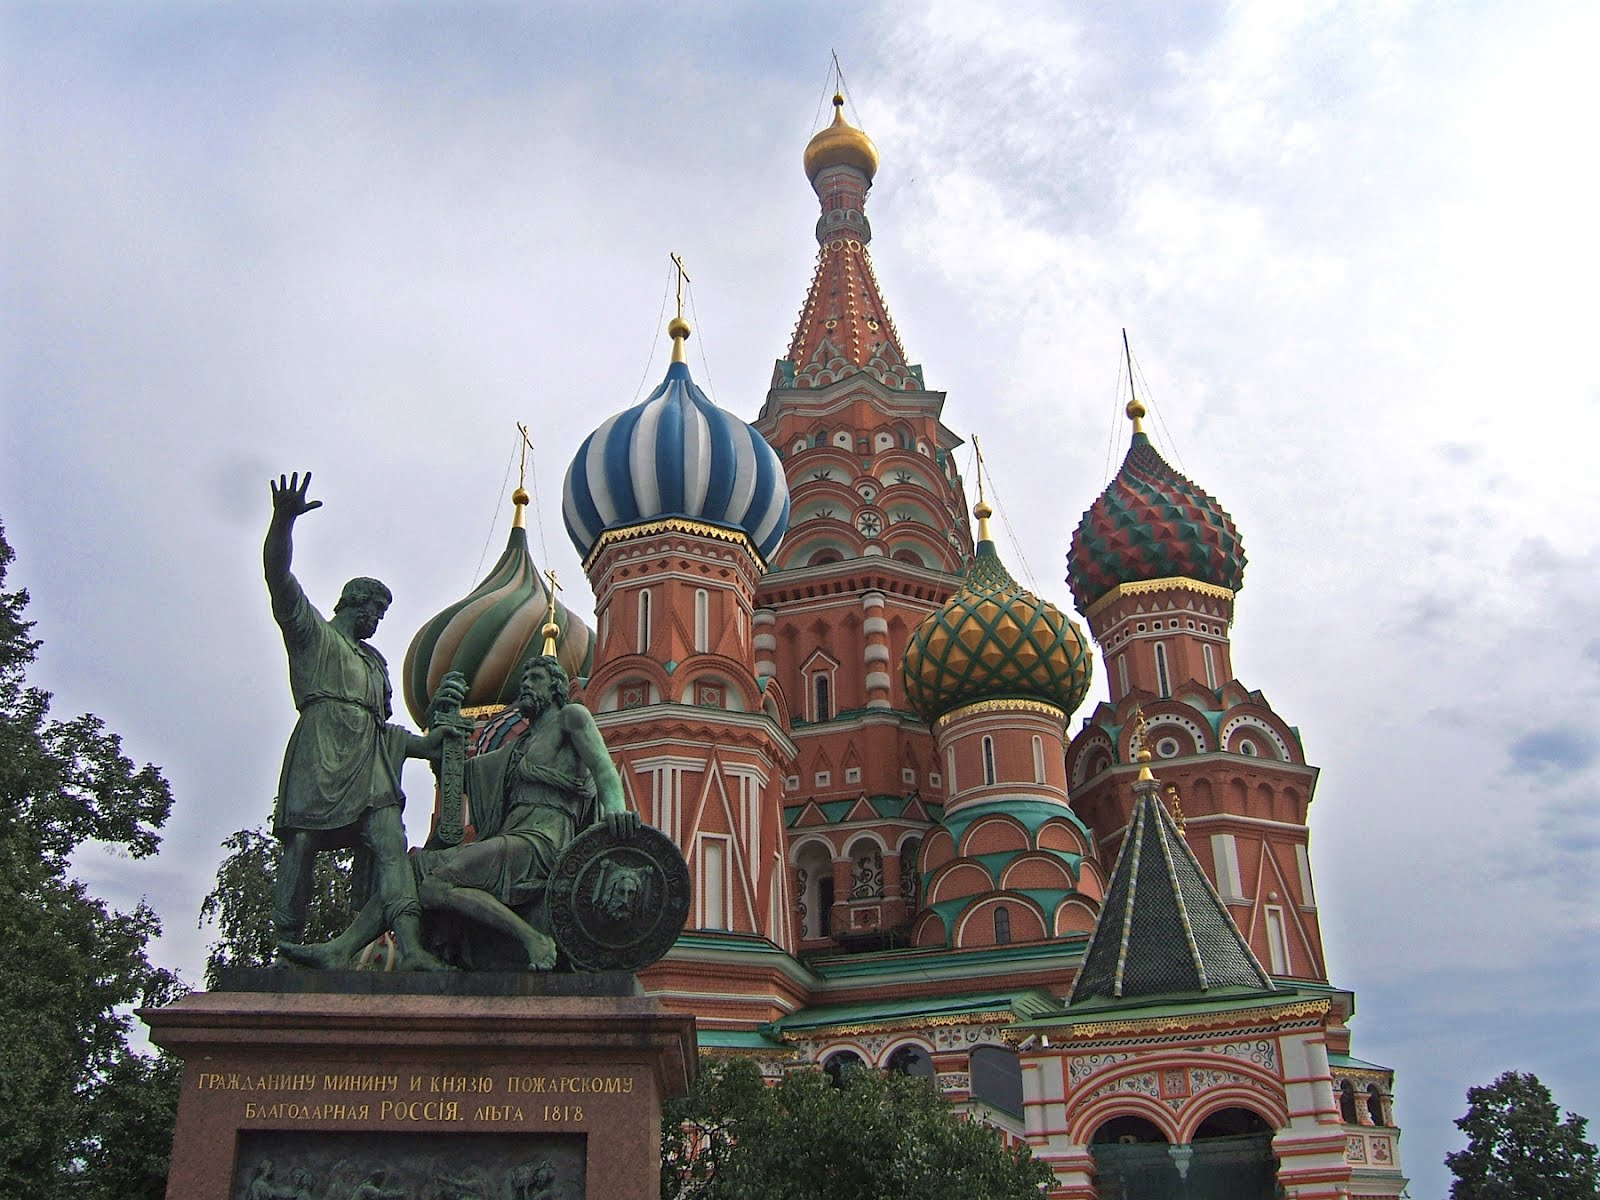 Macarius Codified Russian 22